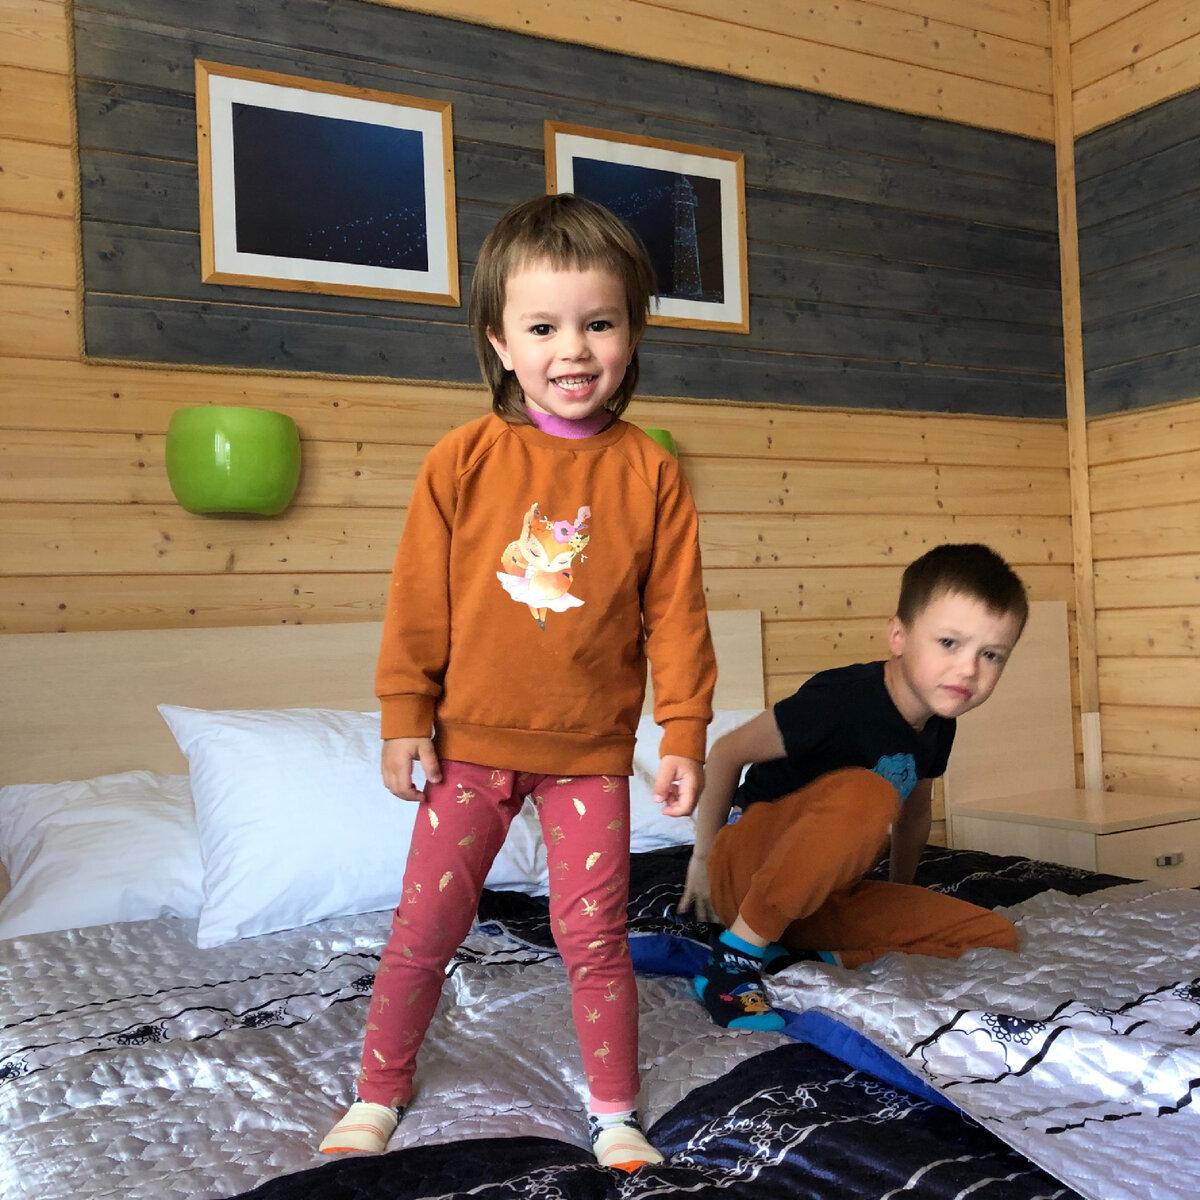 Мои выспавшиеся дети:) На фото номер «Стандарт» в морской тематике. В номере: кровать, тумбочки, шкаф для одежды, зеркало со столиком, холодильник, чайник и выход на открытую террасу с видом на Волгу